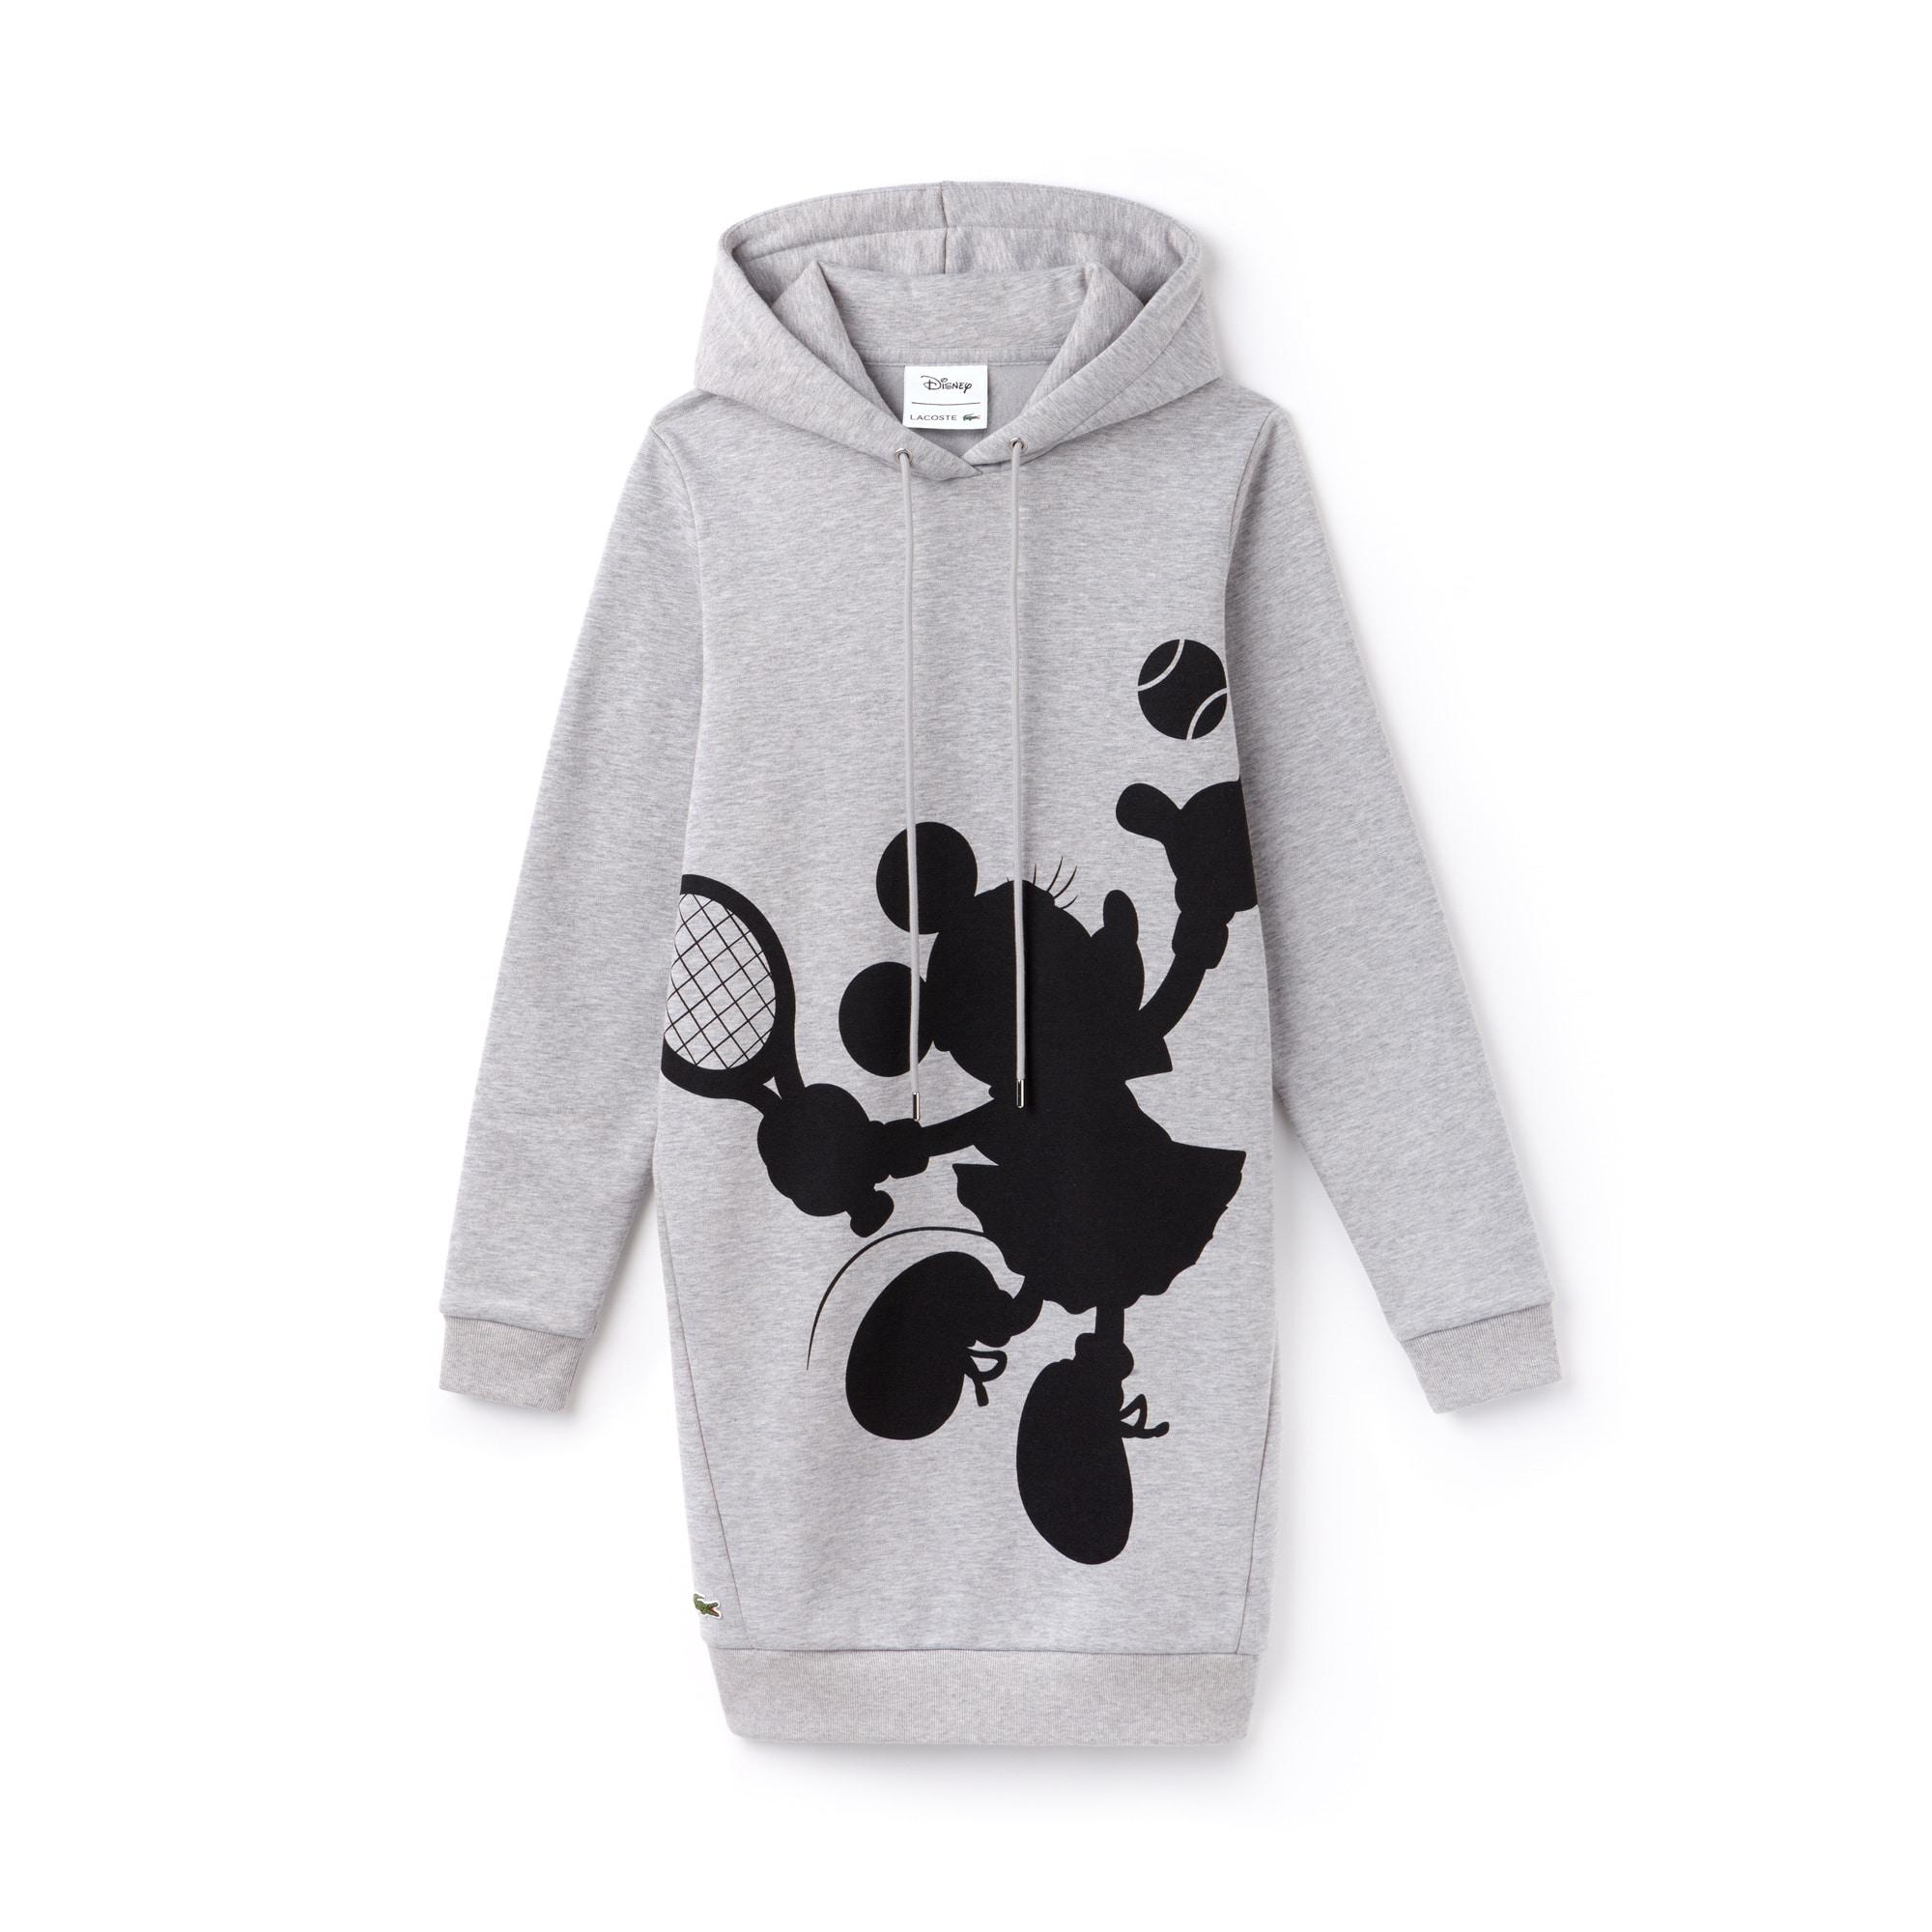 라코스테 Lacoste Womens Hooded 샵디즈니 Disney Minnie Print Fleece Sweatshirt Dress,silver chine